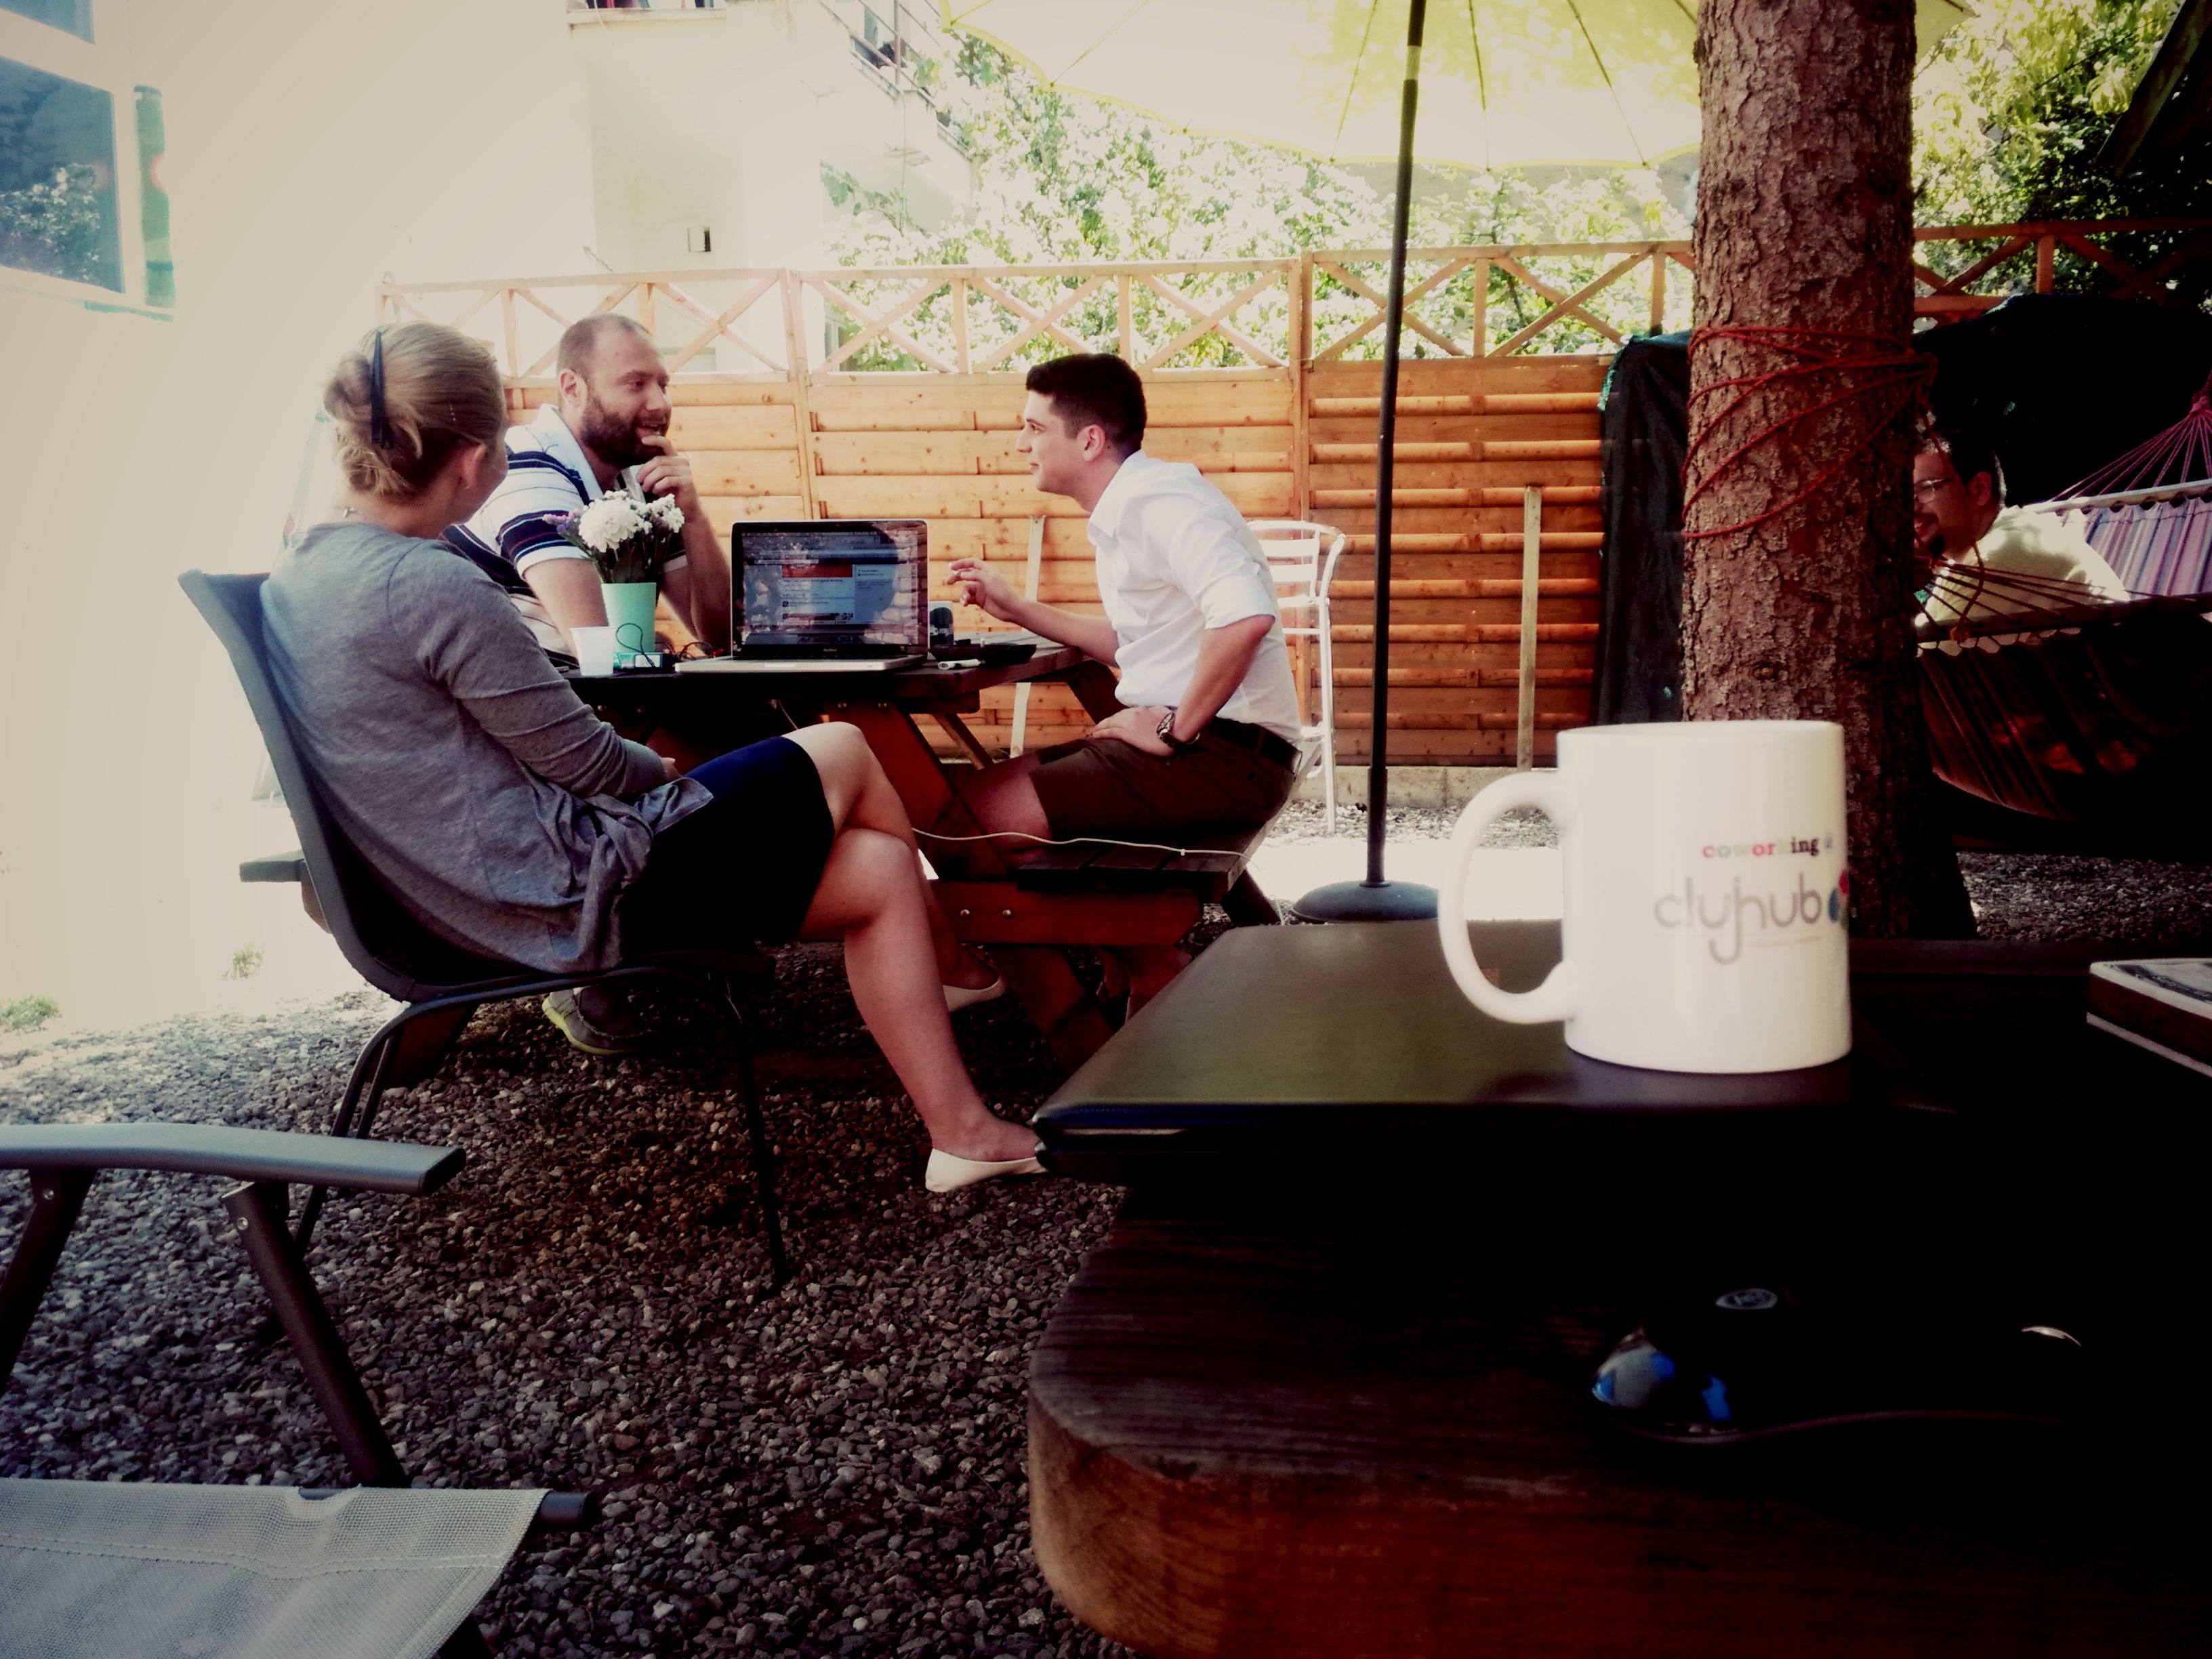 Ziua Internațională a coworkingului, sărbătorită în Cluj-Napoca